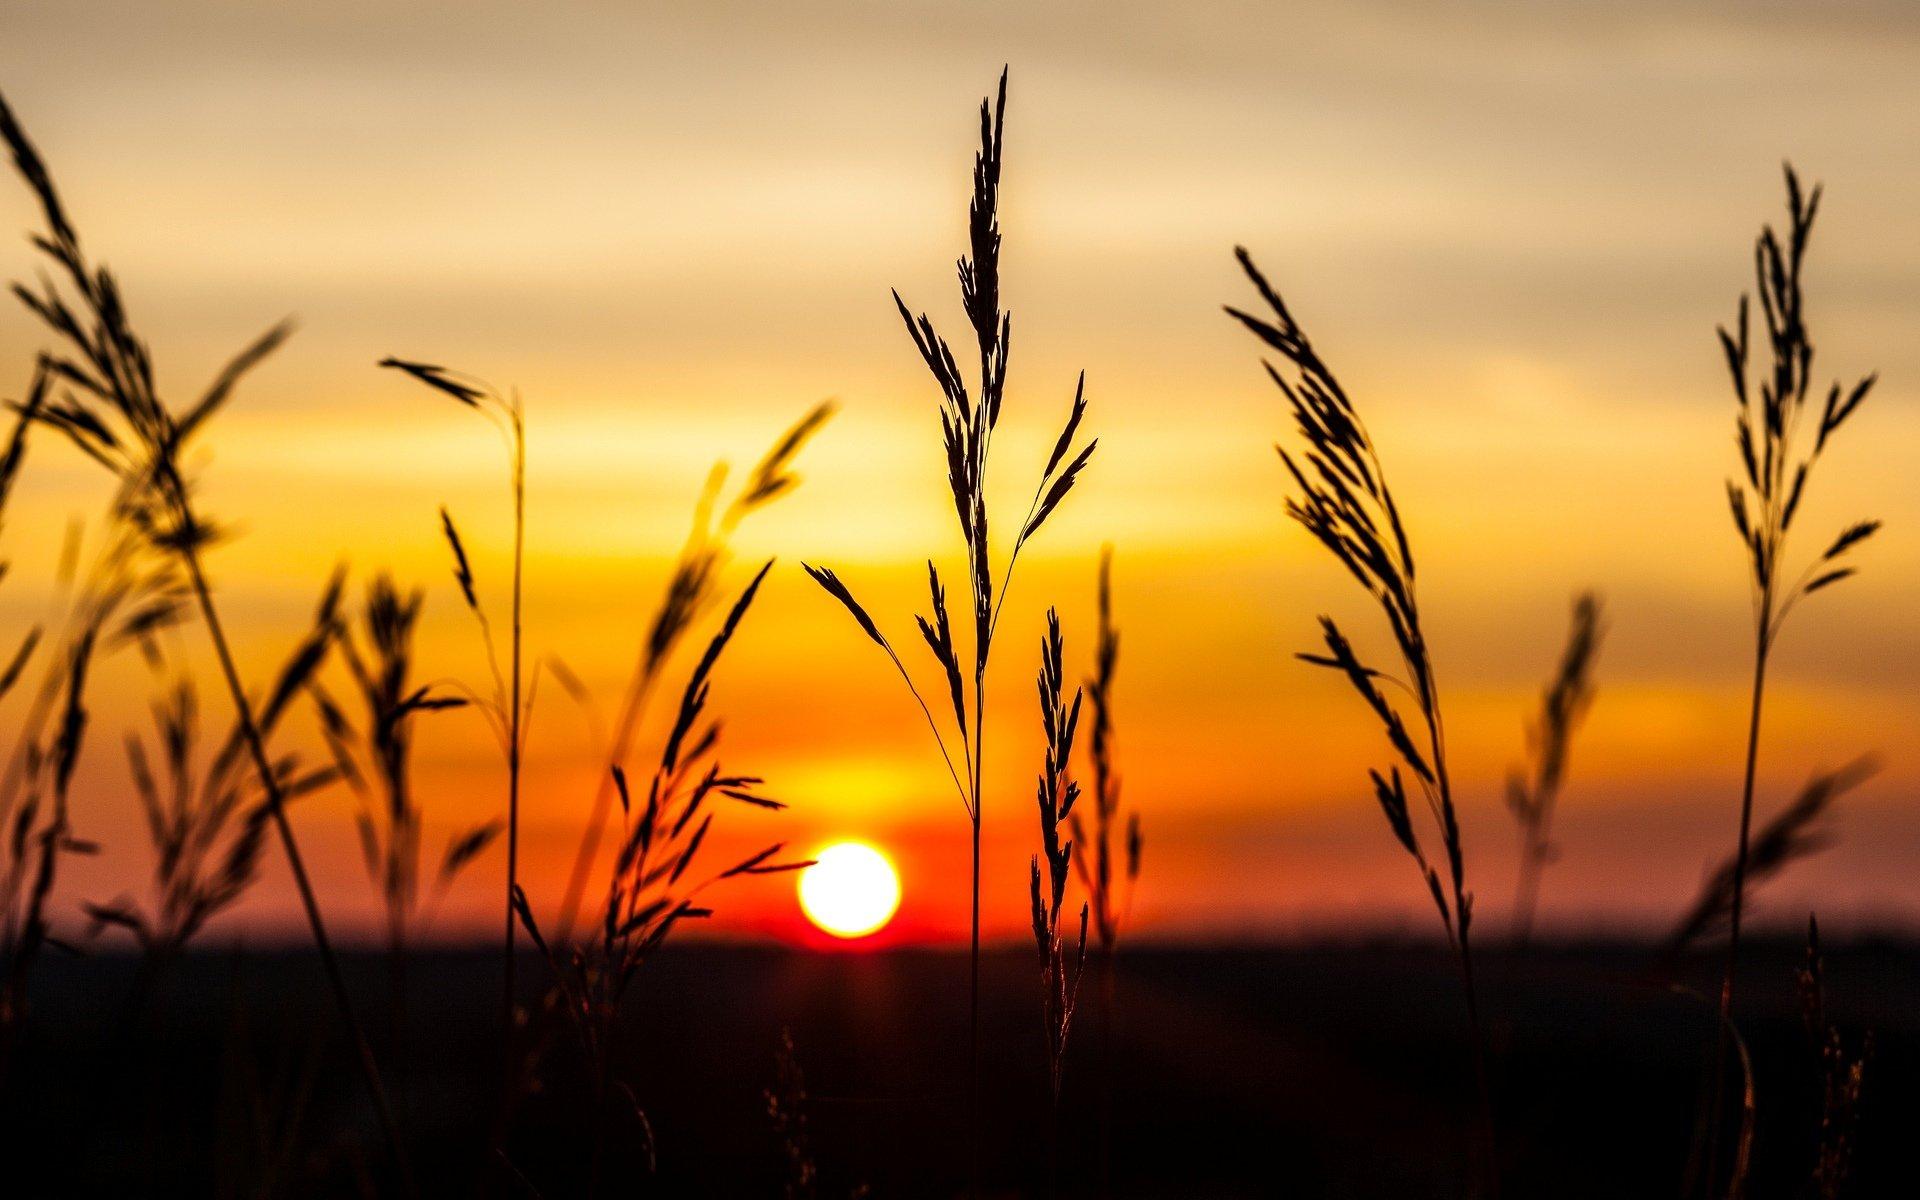 природа колосья рассвет небо бесплатно